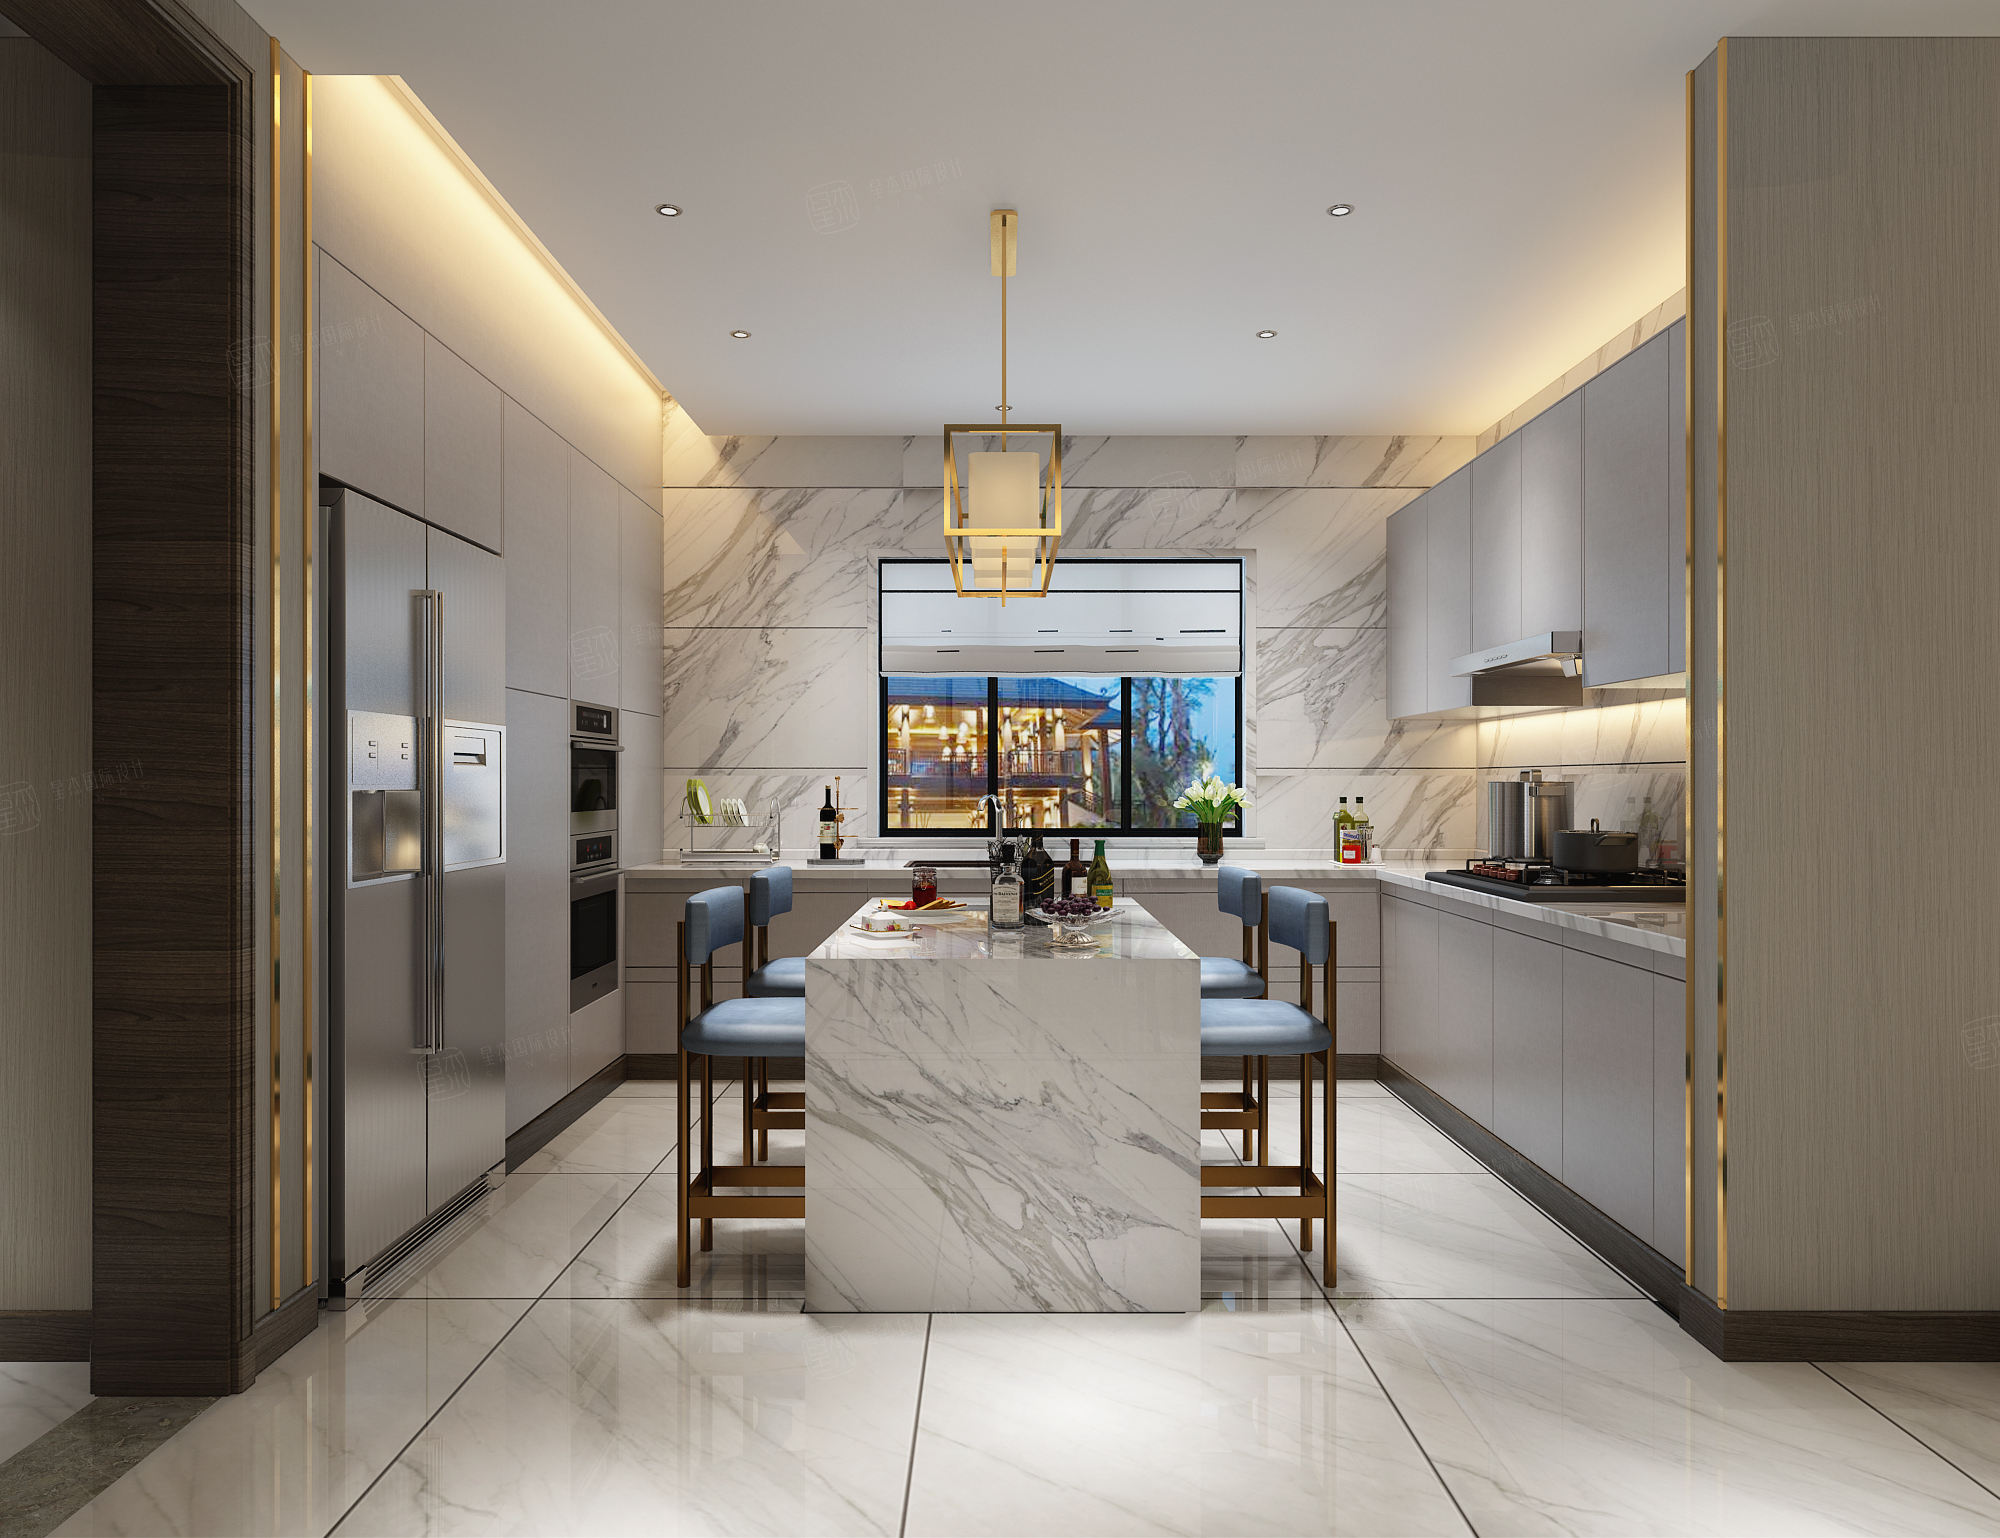 东海御庭 现代中式装修厨房效果图